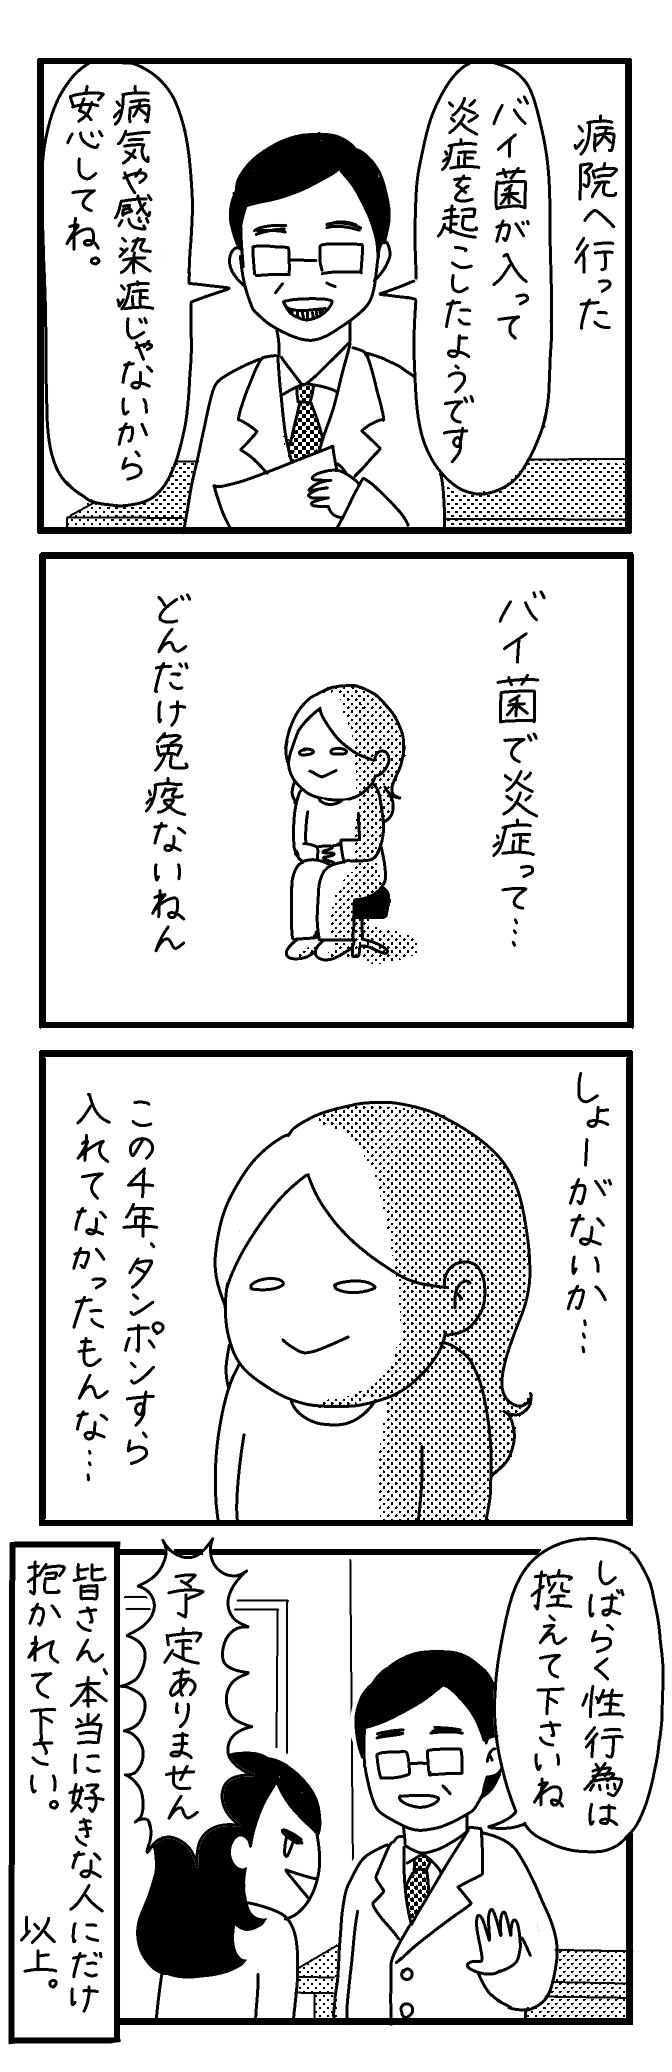 【4コマ漫画】第31回「ビクトリアな日々」作:ビクトリアブラディーヌ